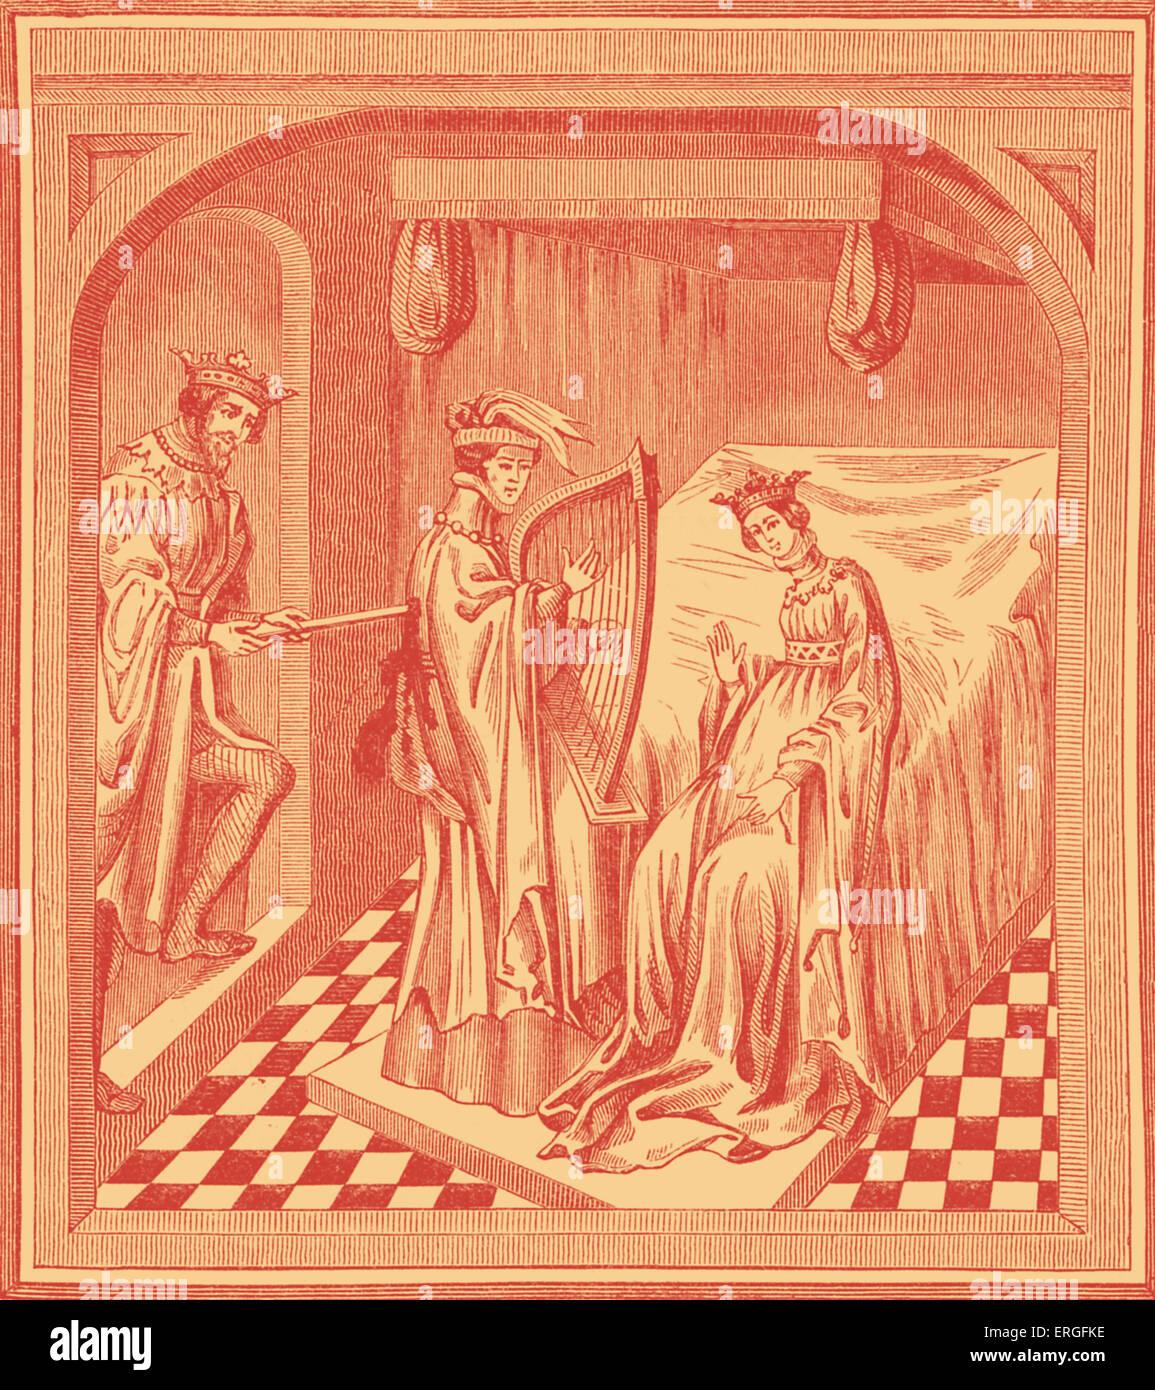 """""""König Marke stechende Tristan in Anwesenheit von Ysolt"""" - nach Miniatur in Handschrift des 15. Jahrhunderts. Stockbild"""